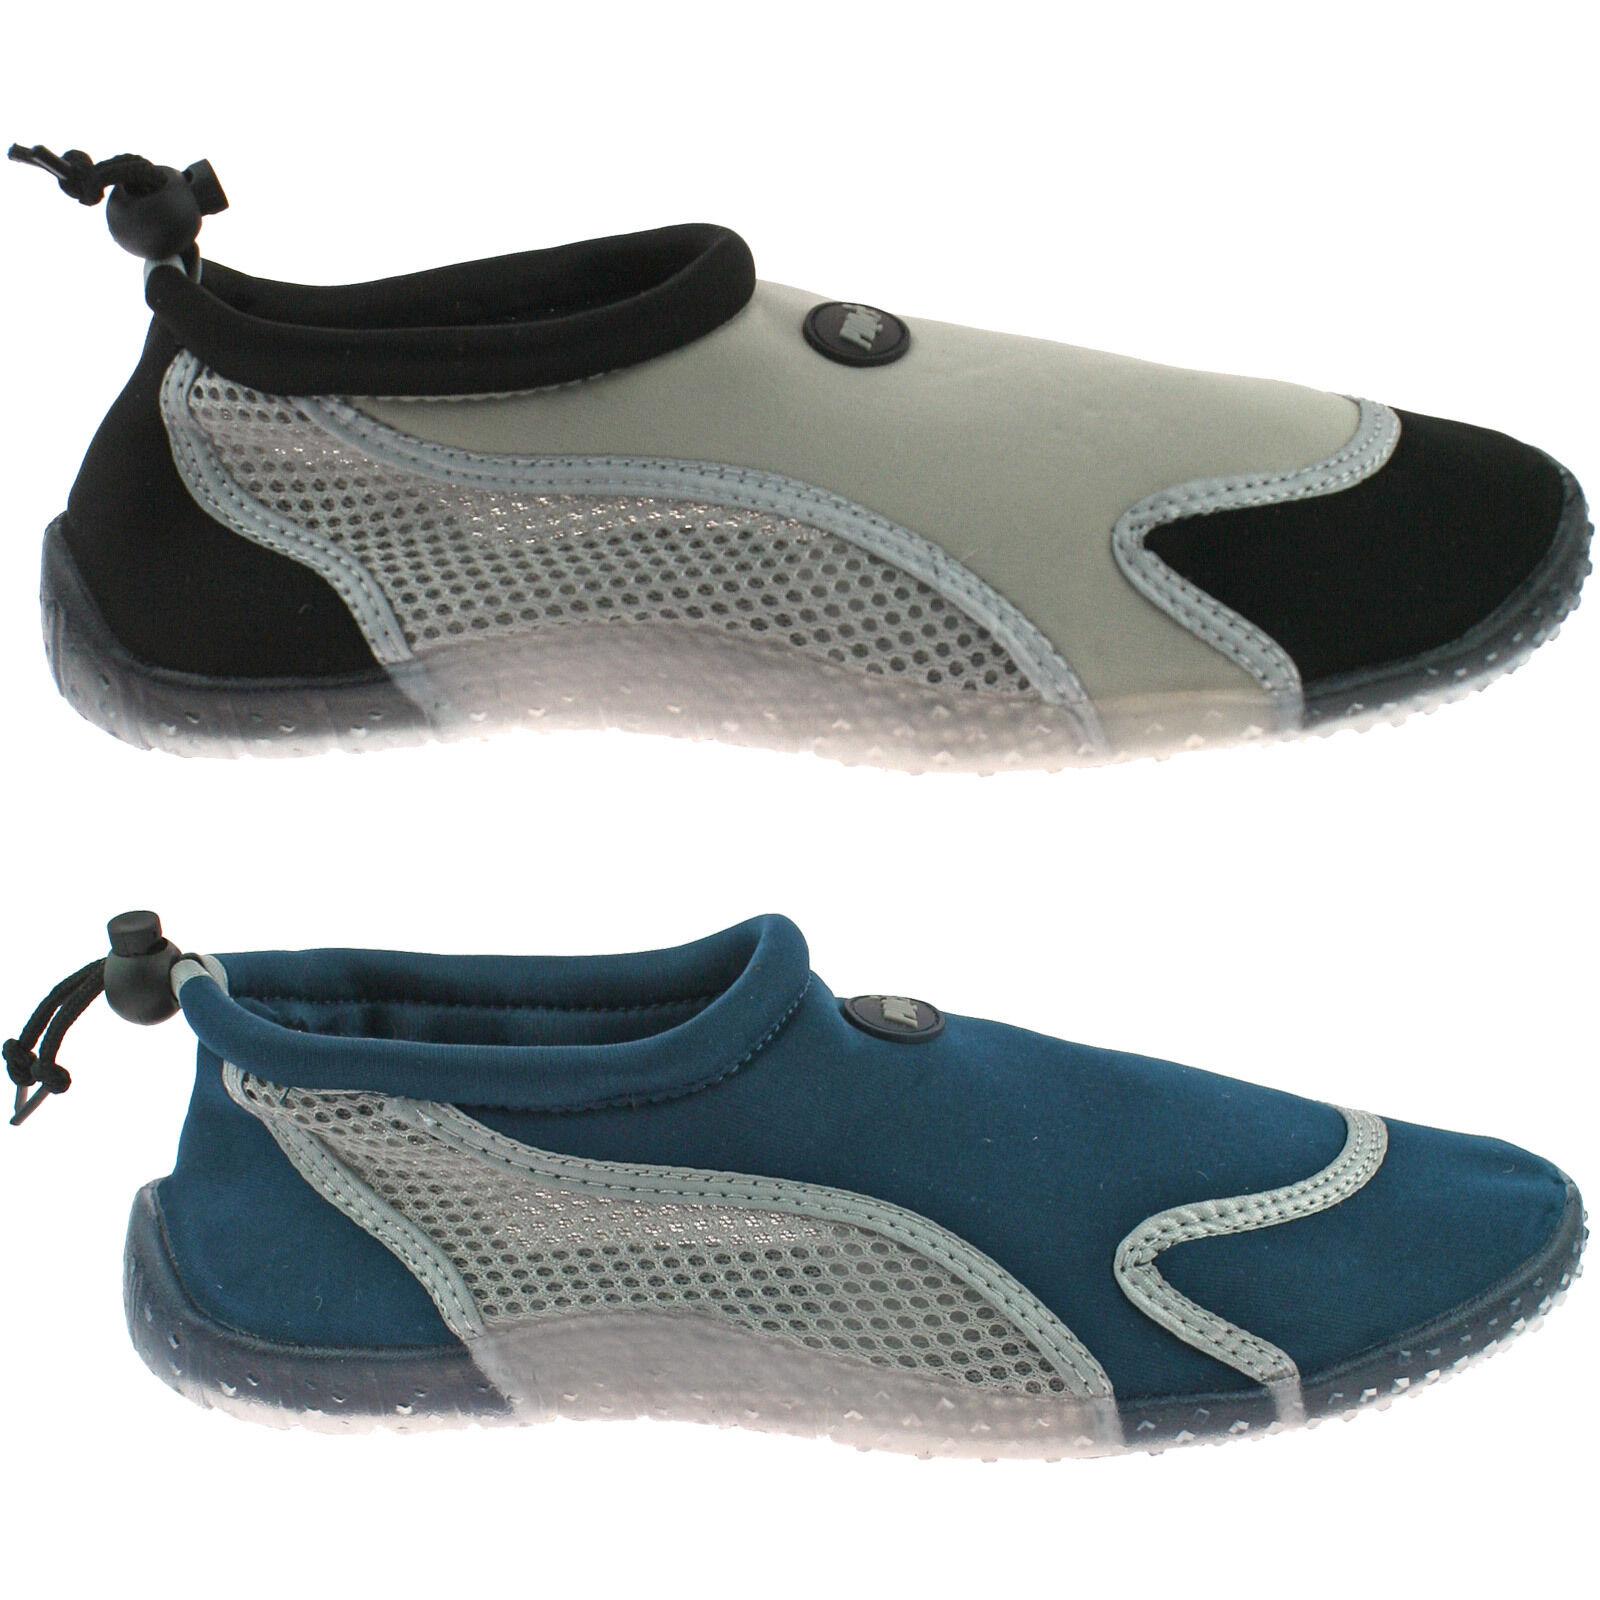 hommes PDQ Aqua plage chausettes chaussures pointure UK 6 - 12 bascule Col